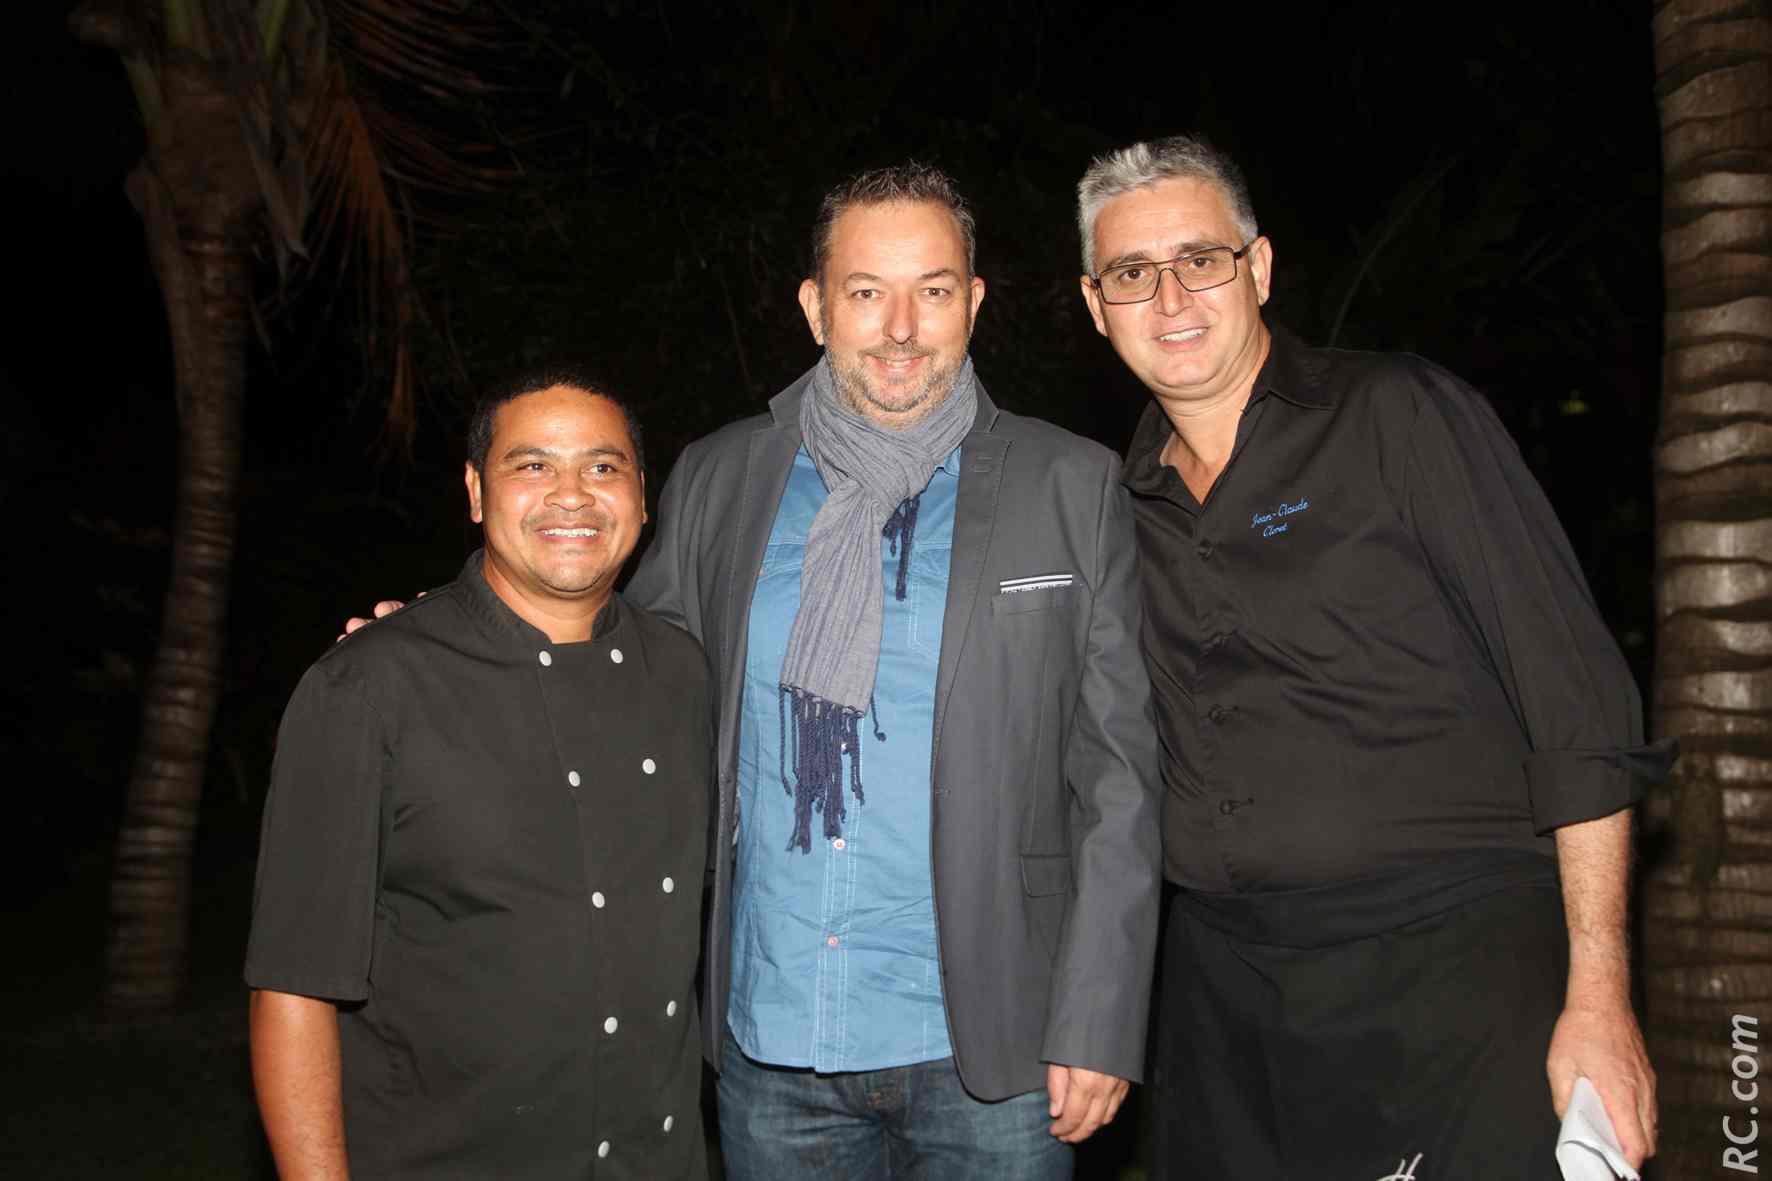 Thierry Kasprowicz de Mets Plaisir et Jean-Claude Cléret, avec l'un des chefs